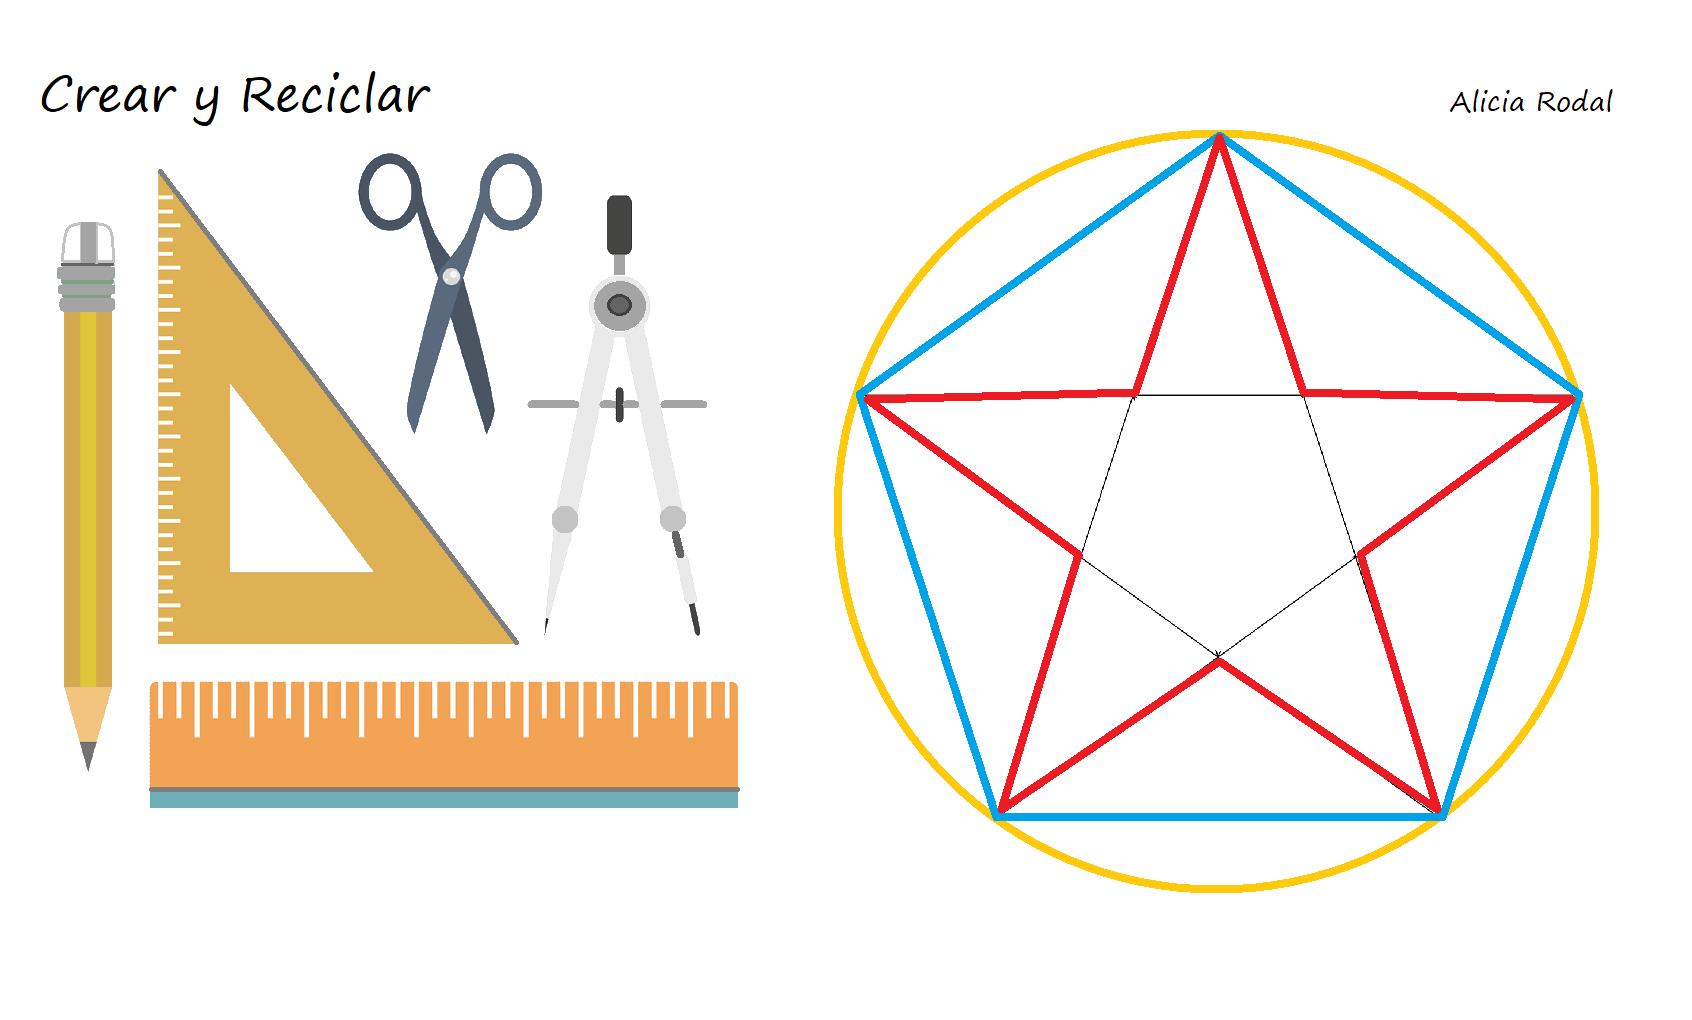 Cómo Dibujar Un Pentágono Y Una Estrella De 5 Puntas Crear Y Reciclar